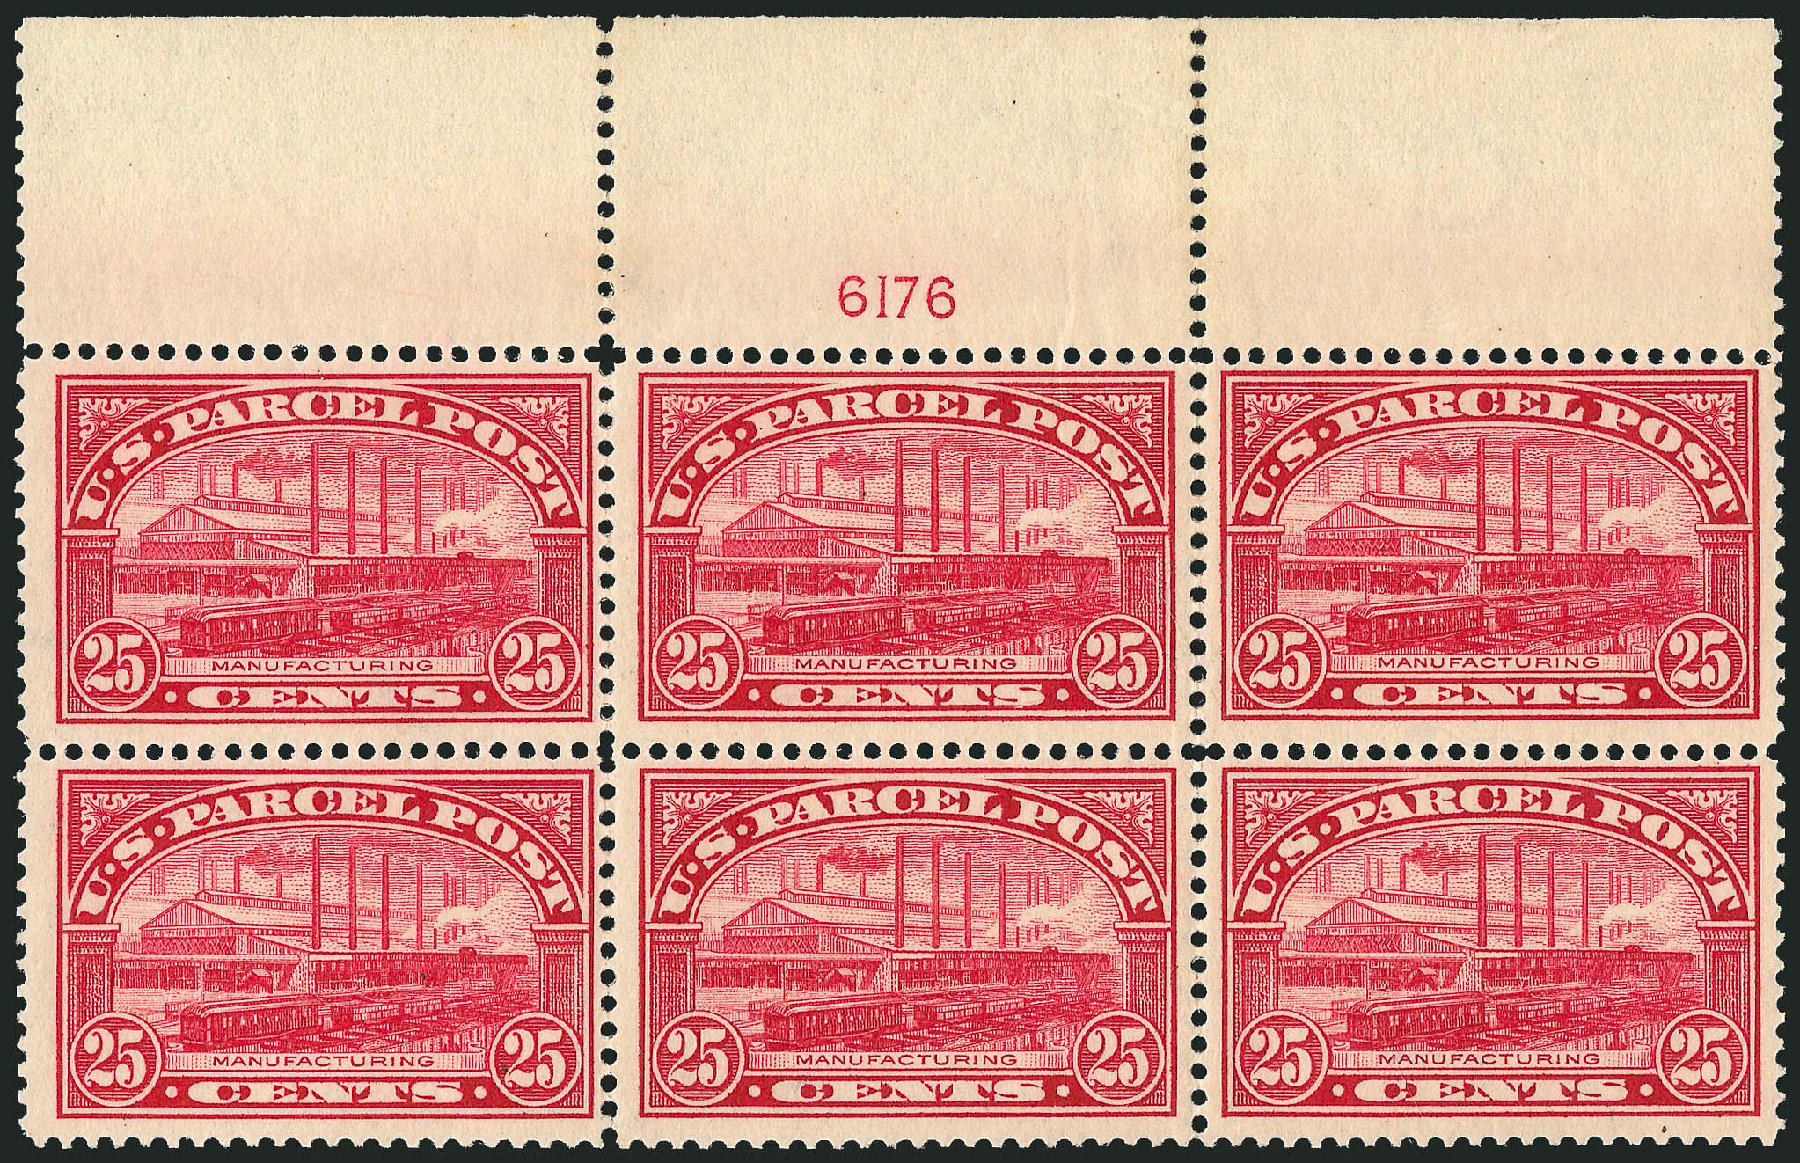 Values of US Stamps Scott Catalogue Q9 - 1913 25c Parcel Post. Robert Siegel Auction Galleries, Jul 2014, Sale 1077, Lot 477